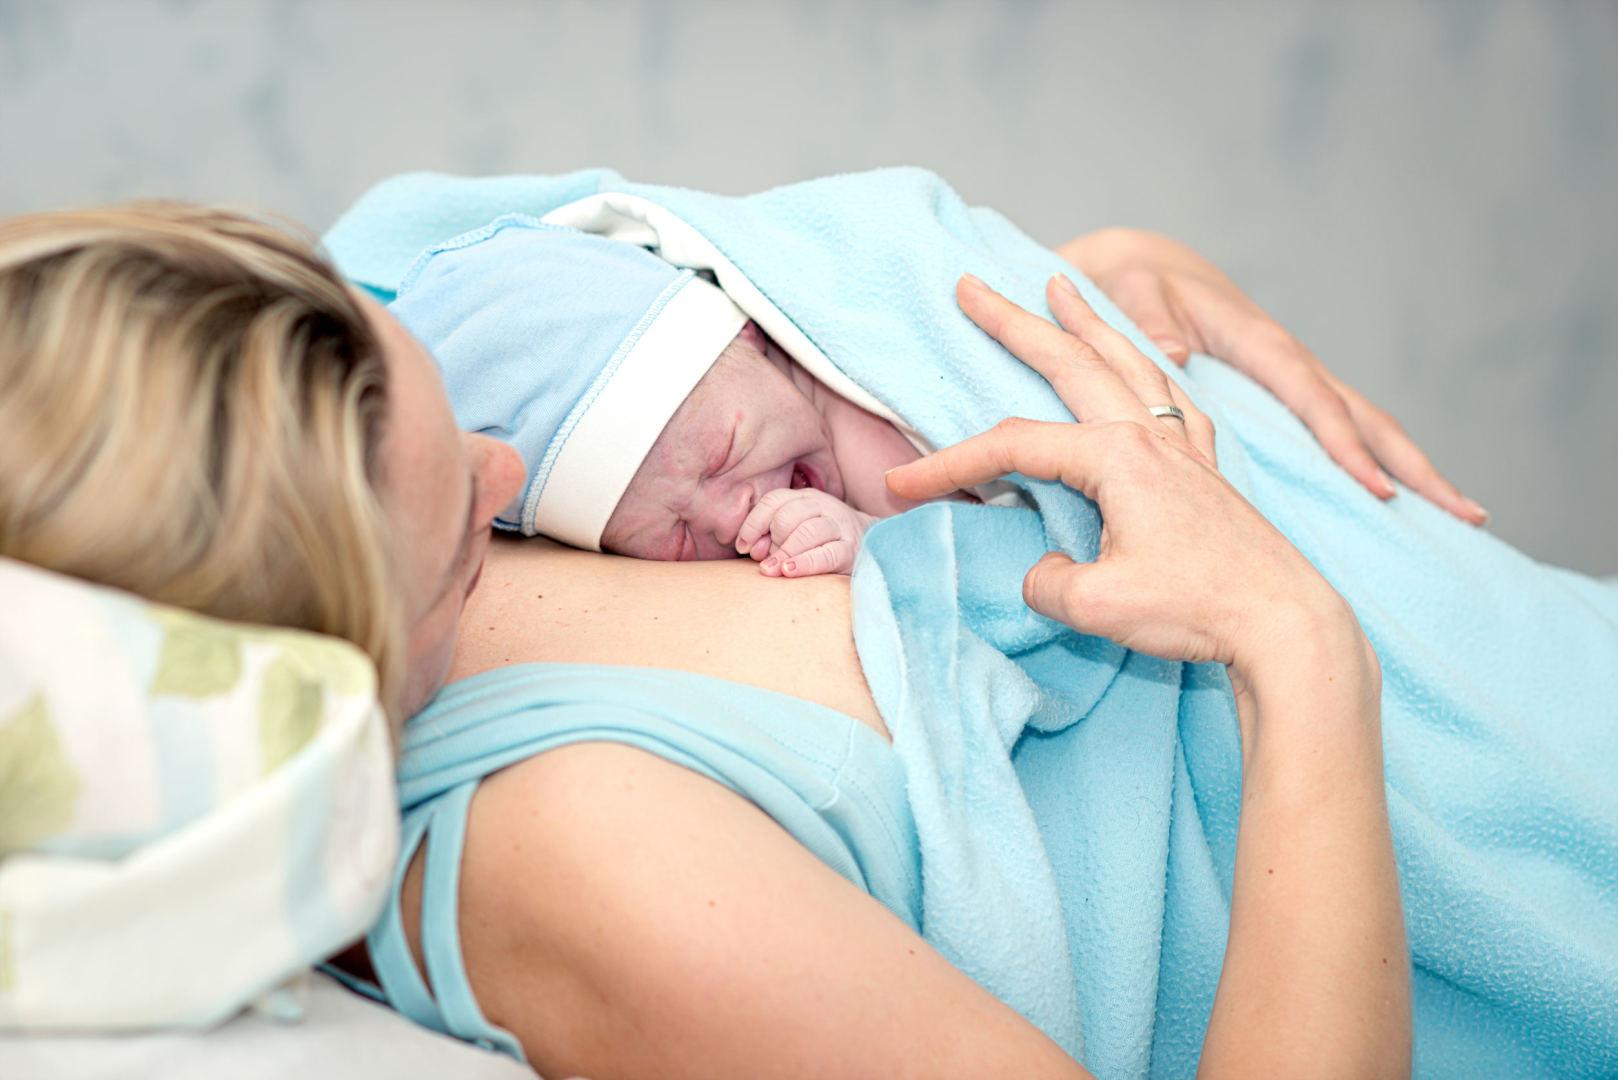 Kodėl nėščiajai pavojingas padidėjęs kraujo spaudimas - Mamos Žurnalas